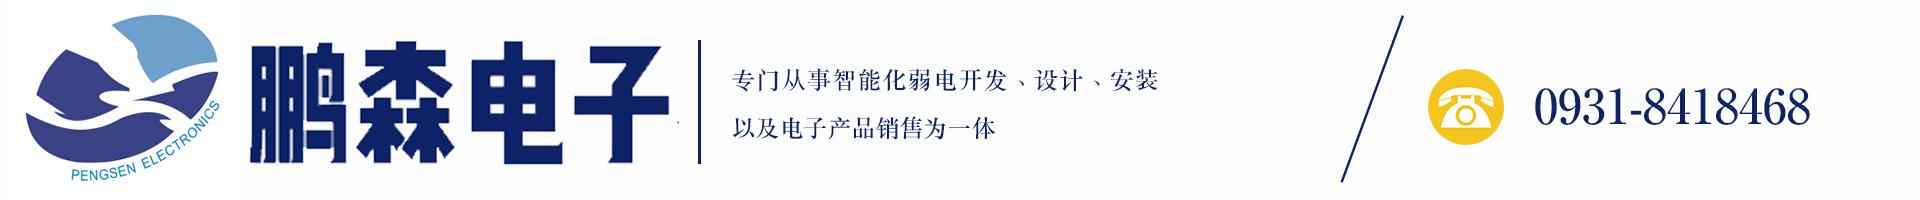 甘肃鹏森电子科技有限公司